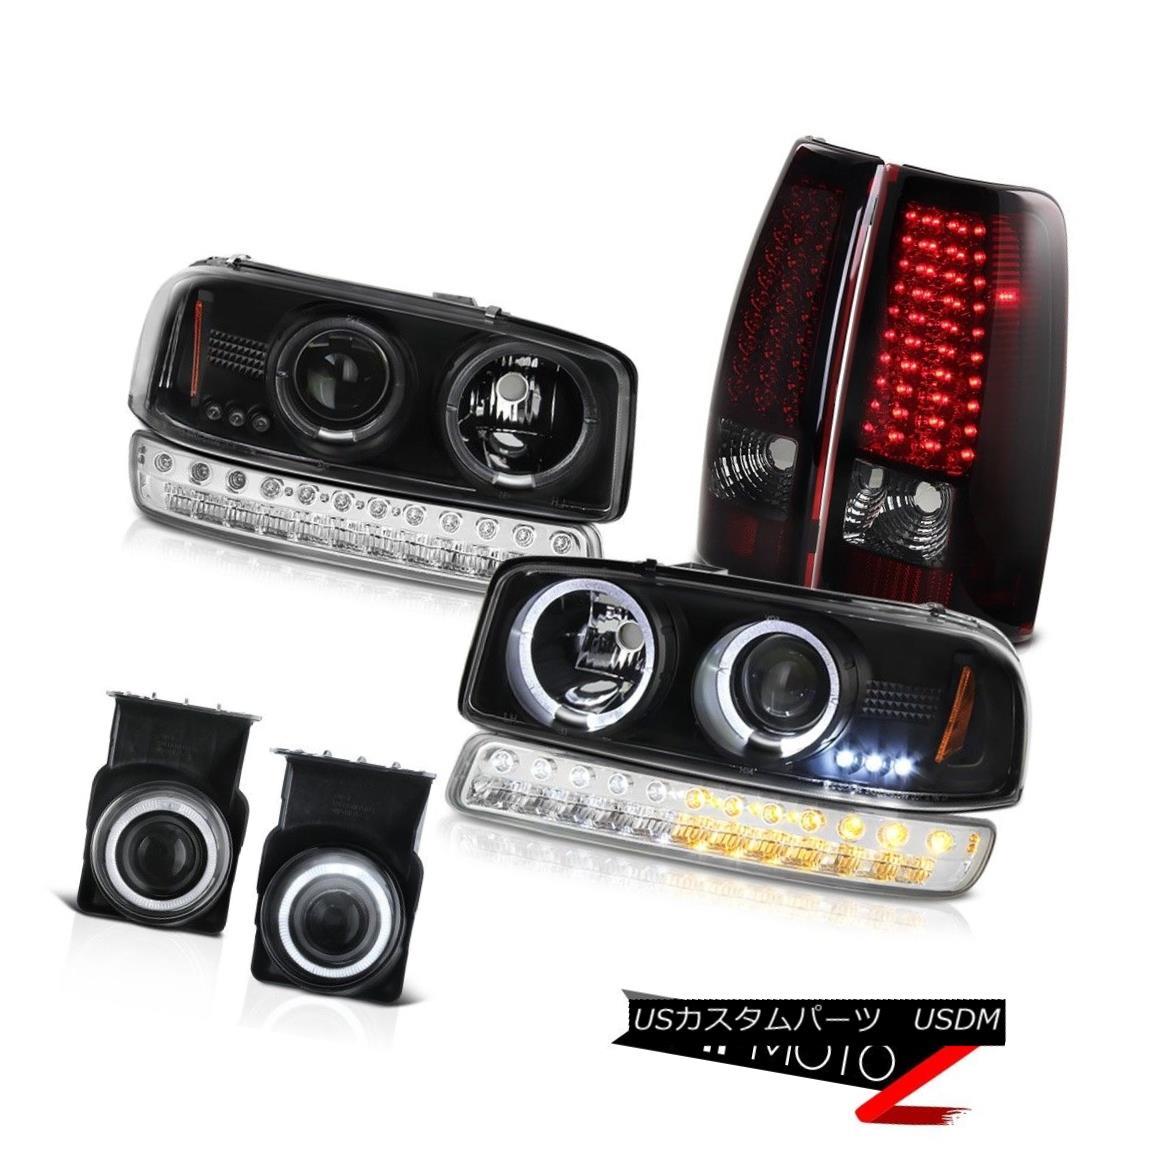 テールライト 03-06 Sierra 2500HD Foglamps Burgundy Red SMD Taillights Parking Lamp Headlamps 03-06 Sierra 2500HDフォグランプバーガンディーレッドSMDテールライトパーキングランプヘッドランプ